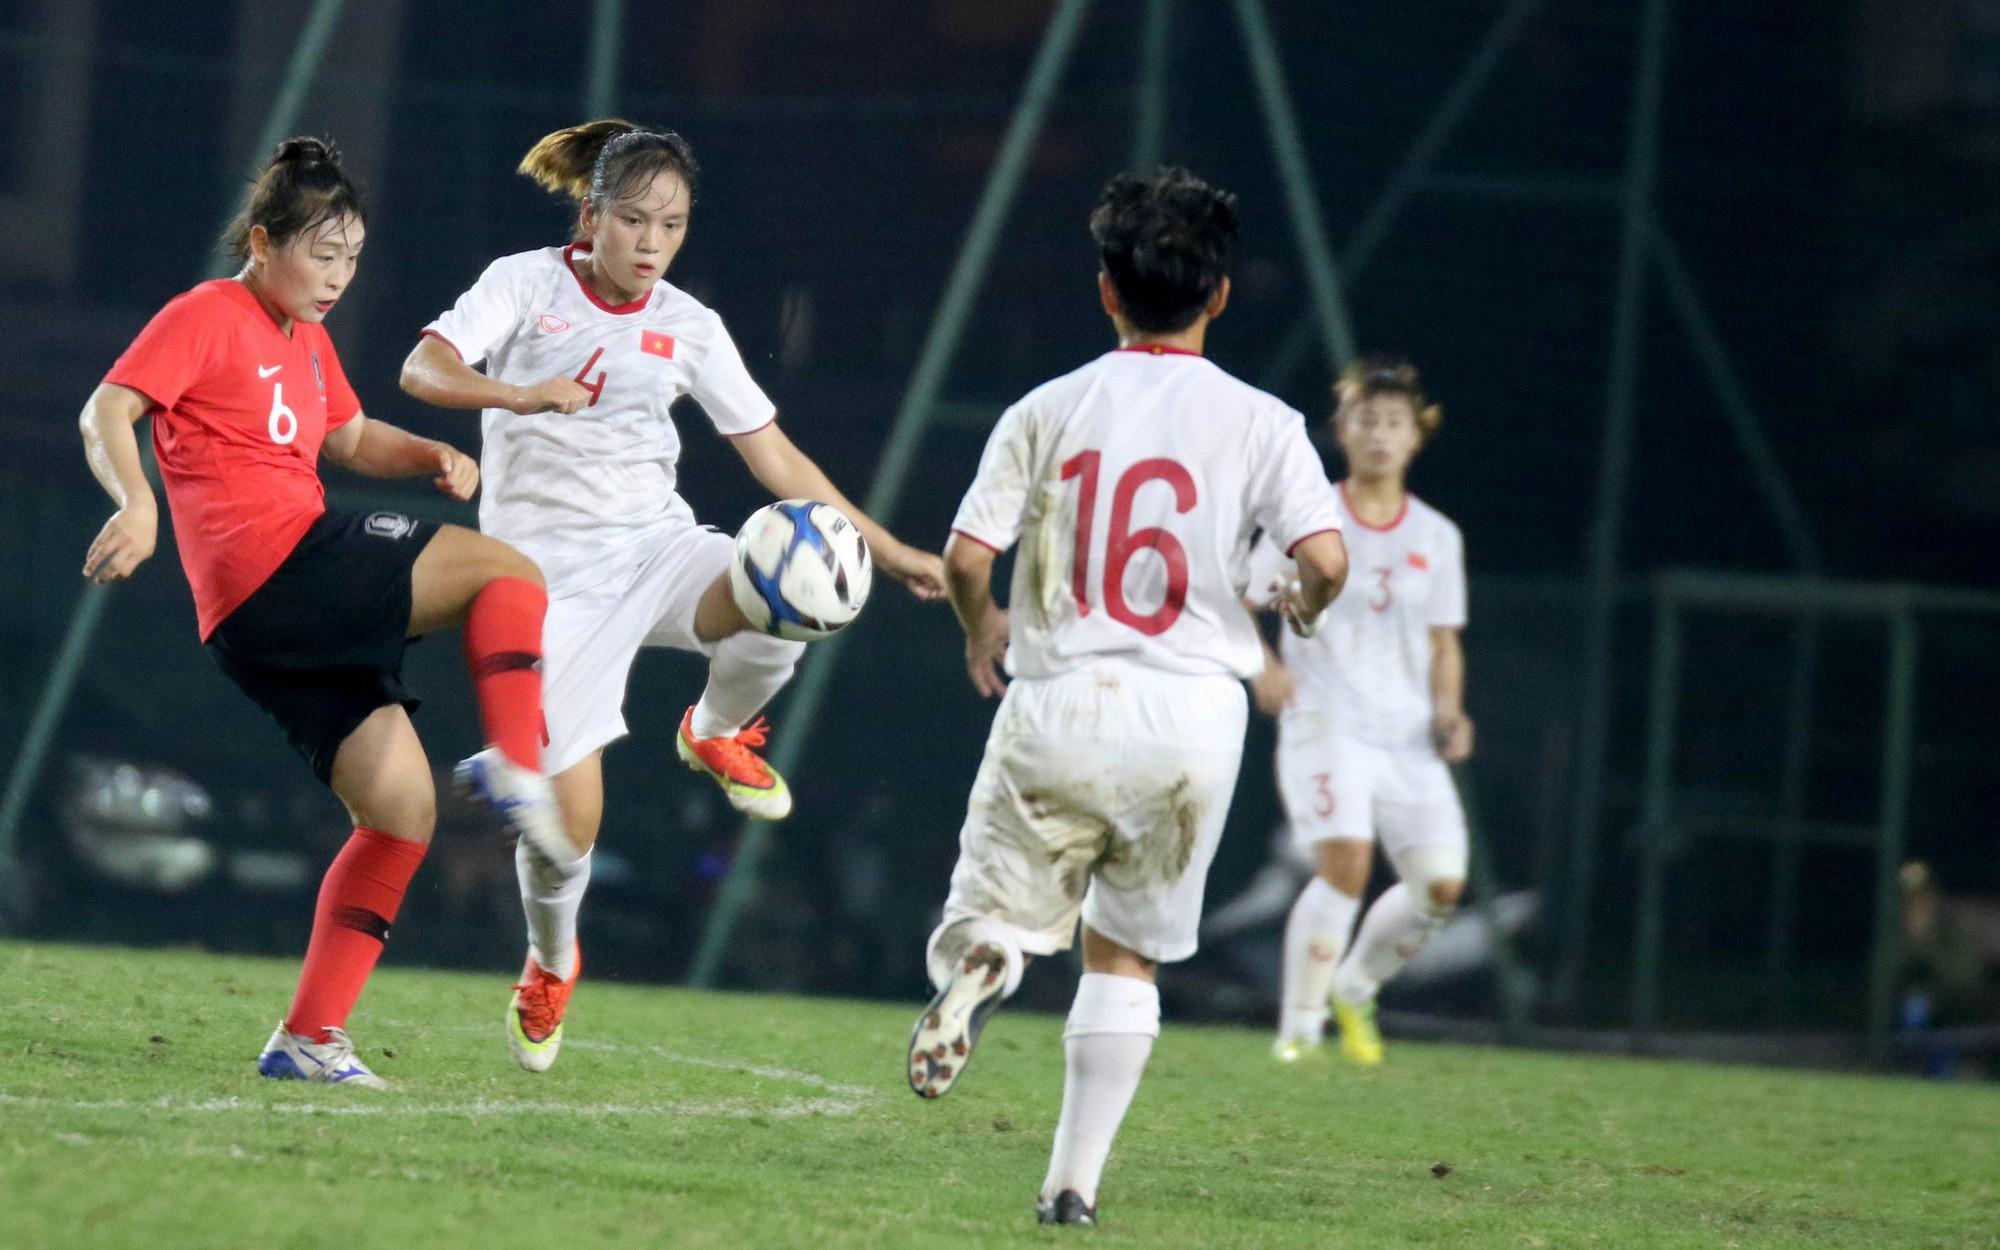 Vượt qua đối thủ nhờ chỉ số fair-play, U19 nữ Việt Nam giành vé dự VCK U19 nữ Châu Á